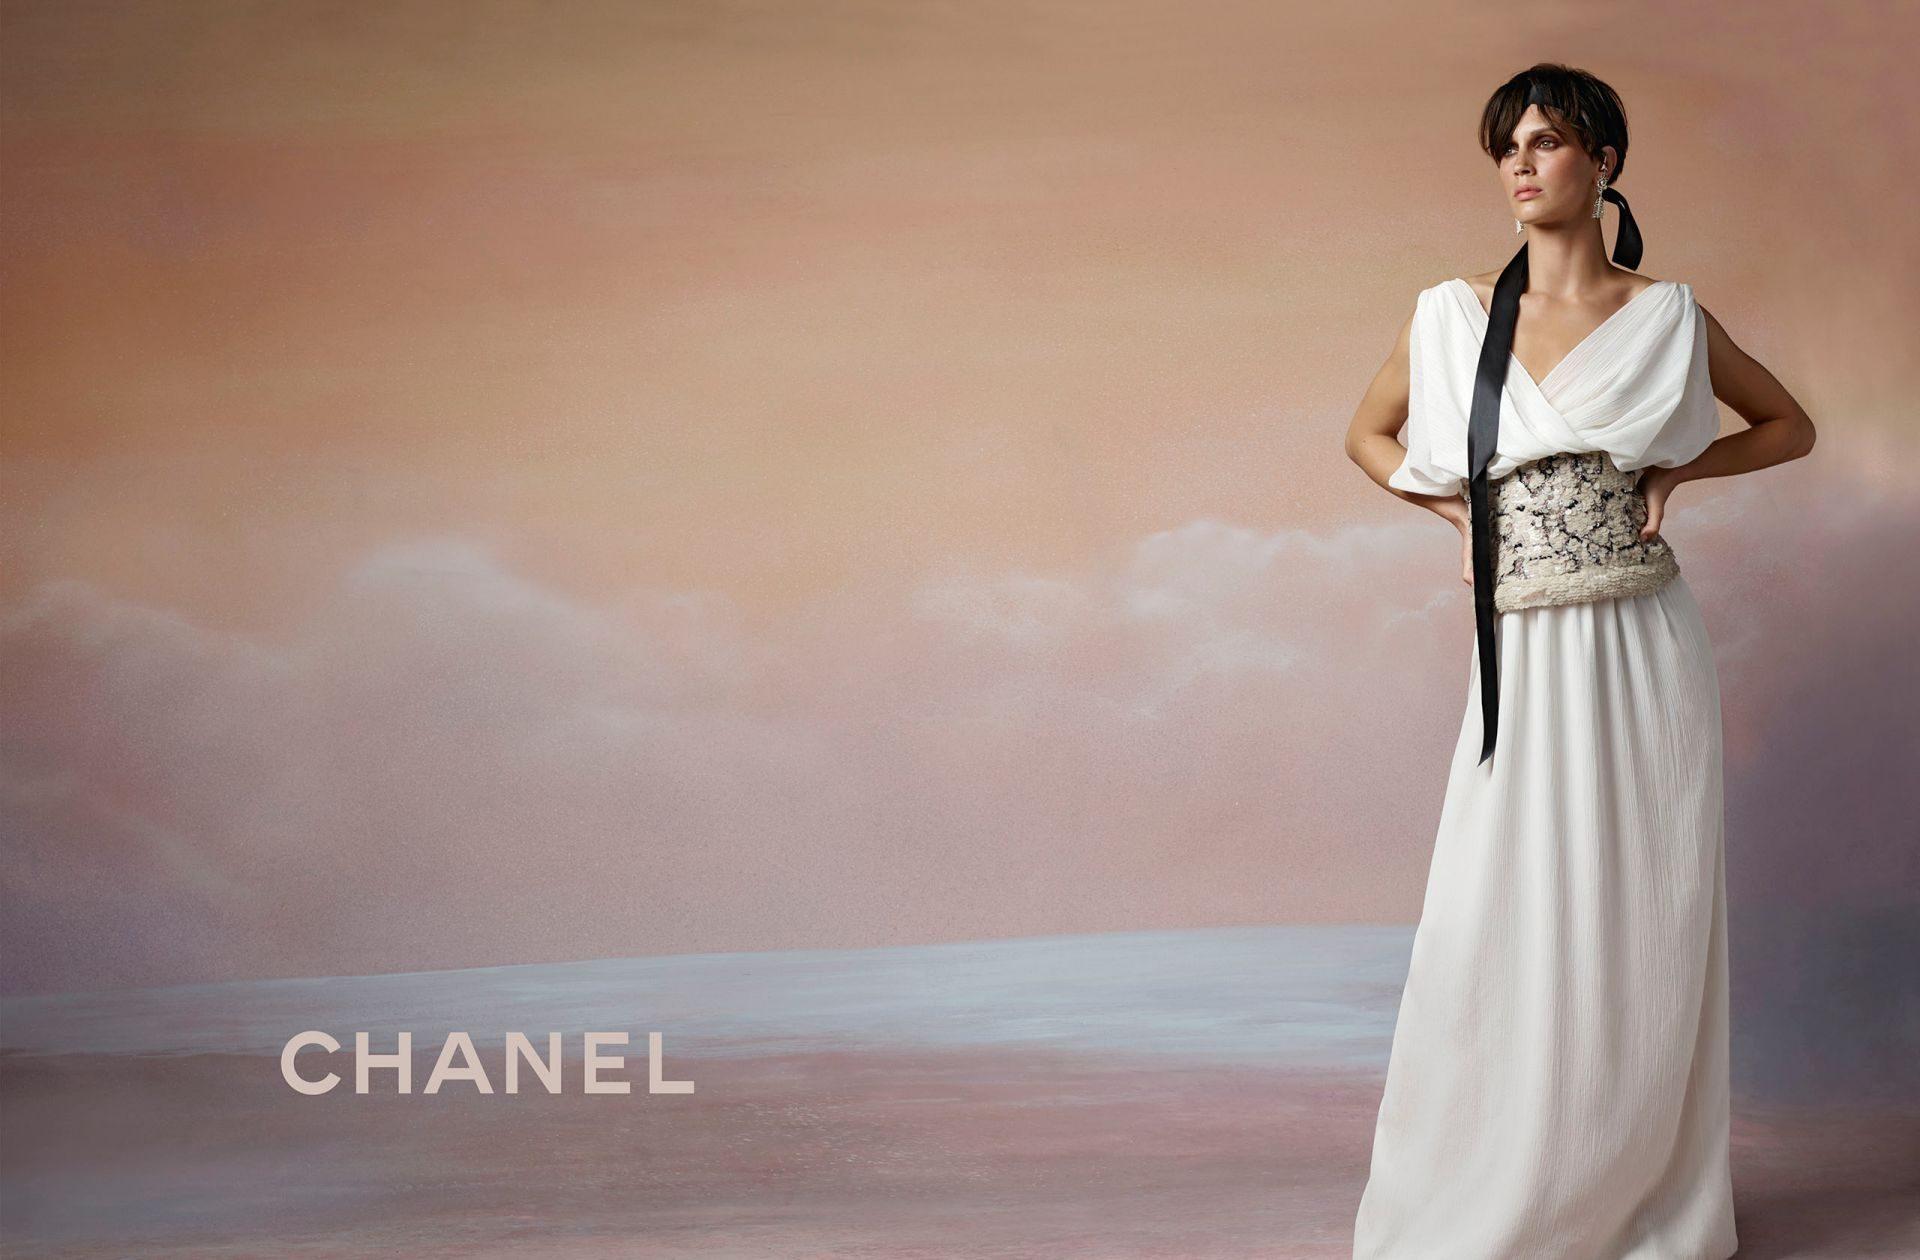 Chanel-resort-2018-ad-campaign-03